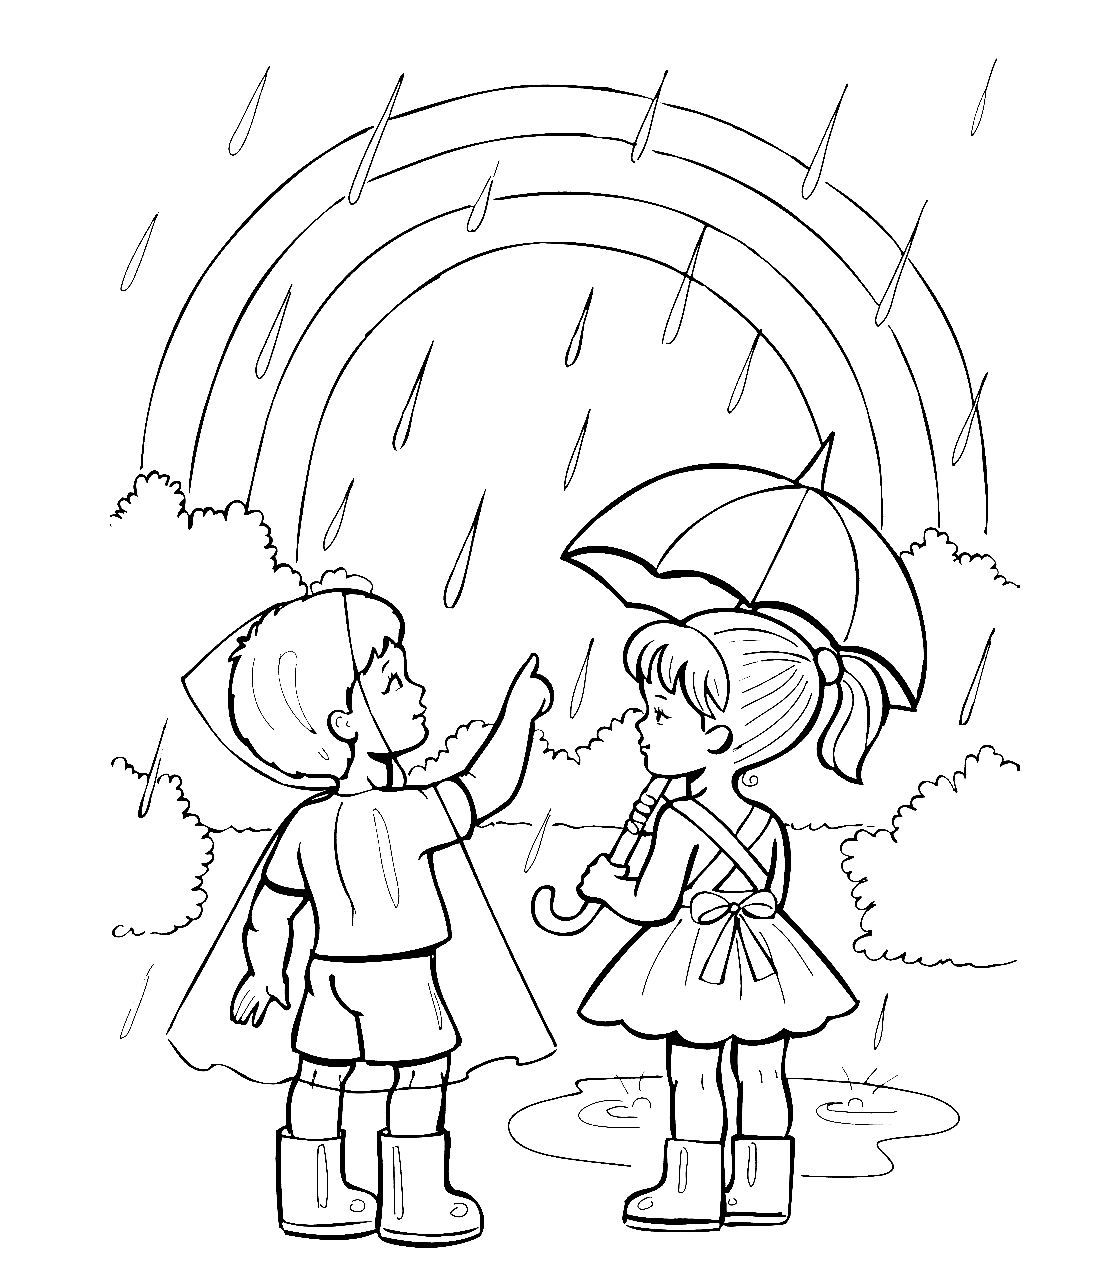 Летний дождик и радуга - раскраска №12109 | Printonic.ru